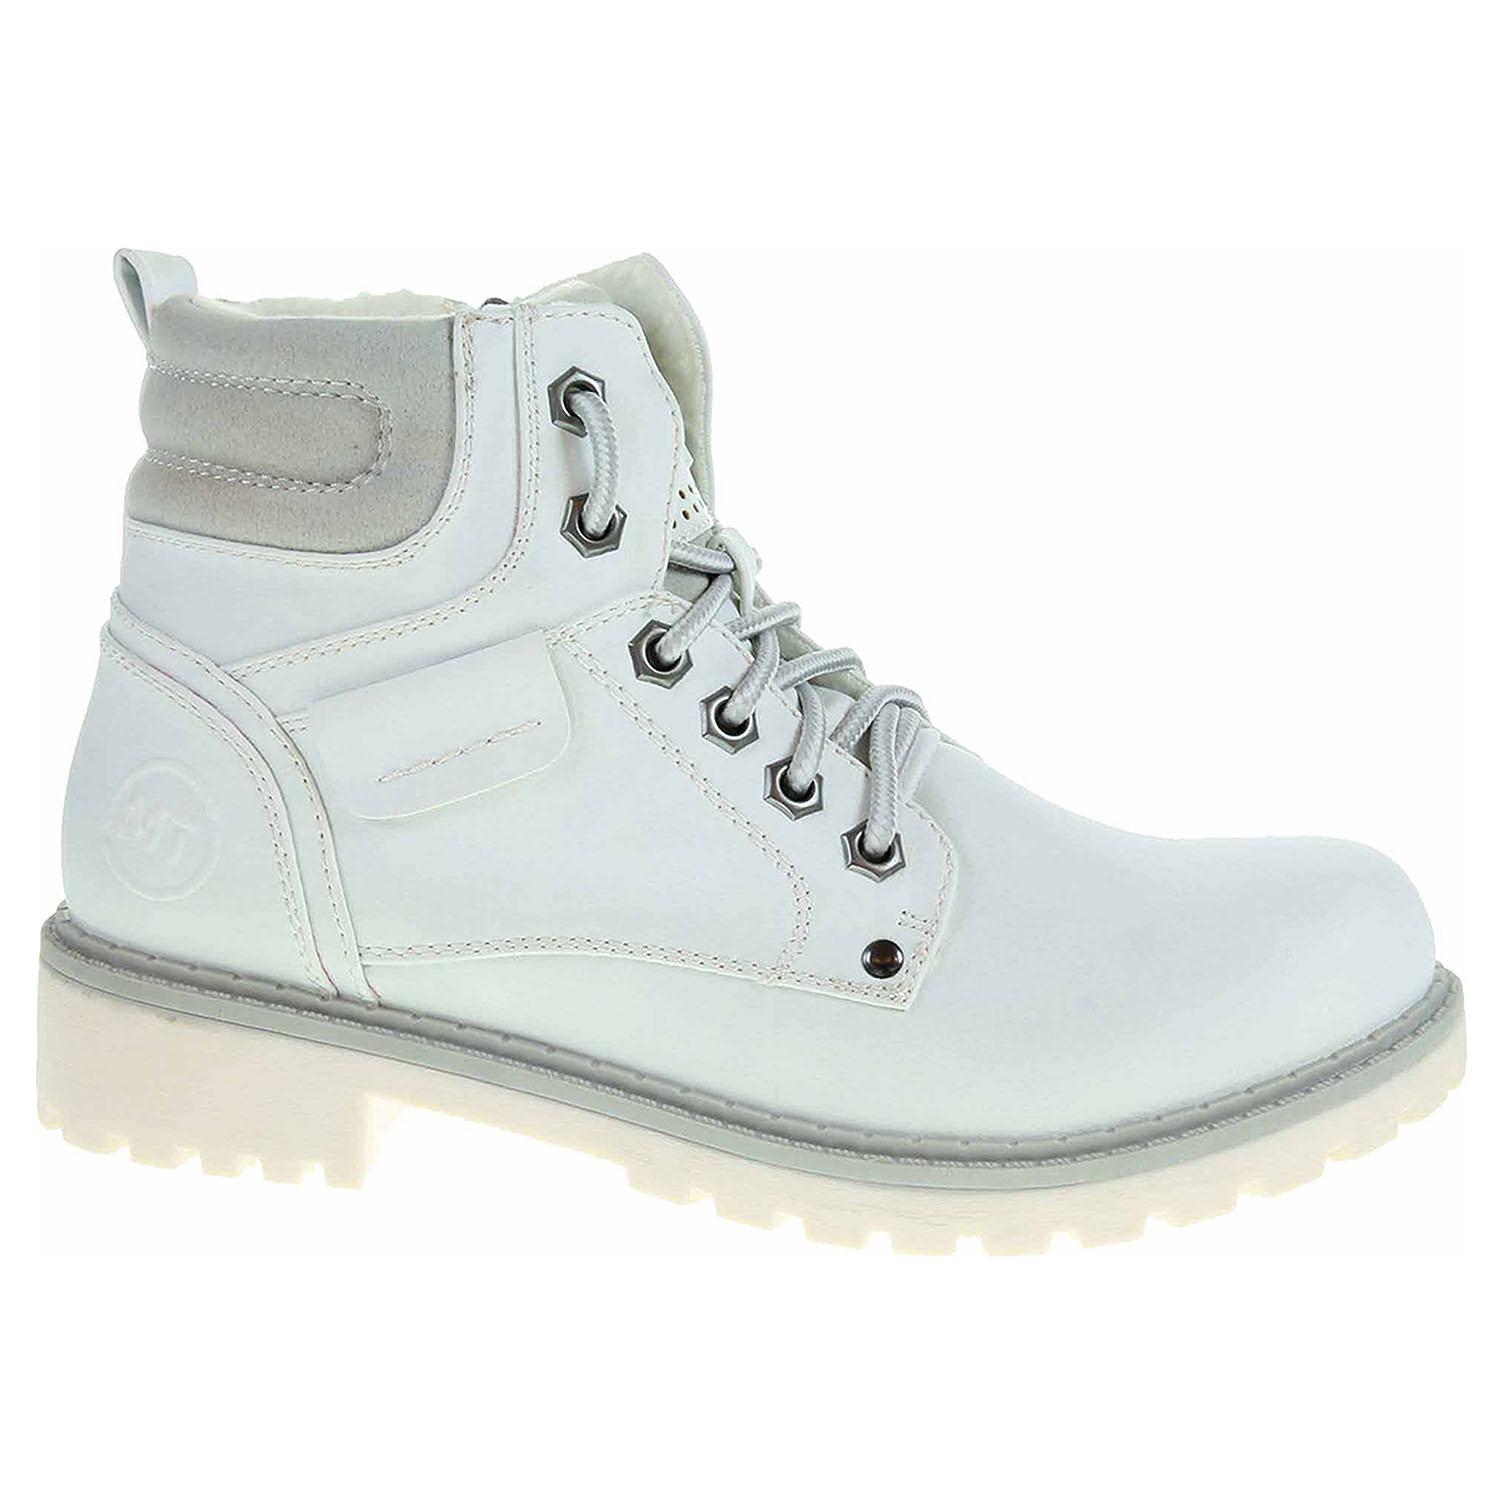 Dámská kotníková obuv Marco Tozzi 2-26272-39 bílé 2-2-26272/39 119 39